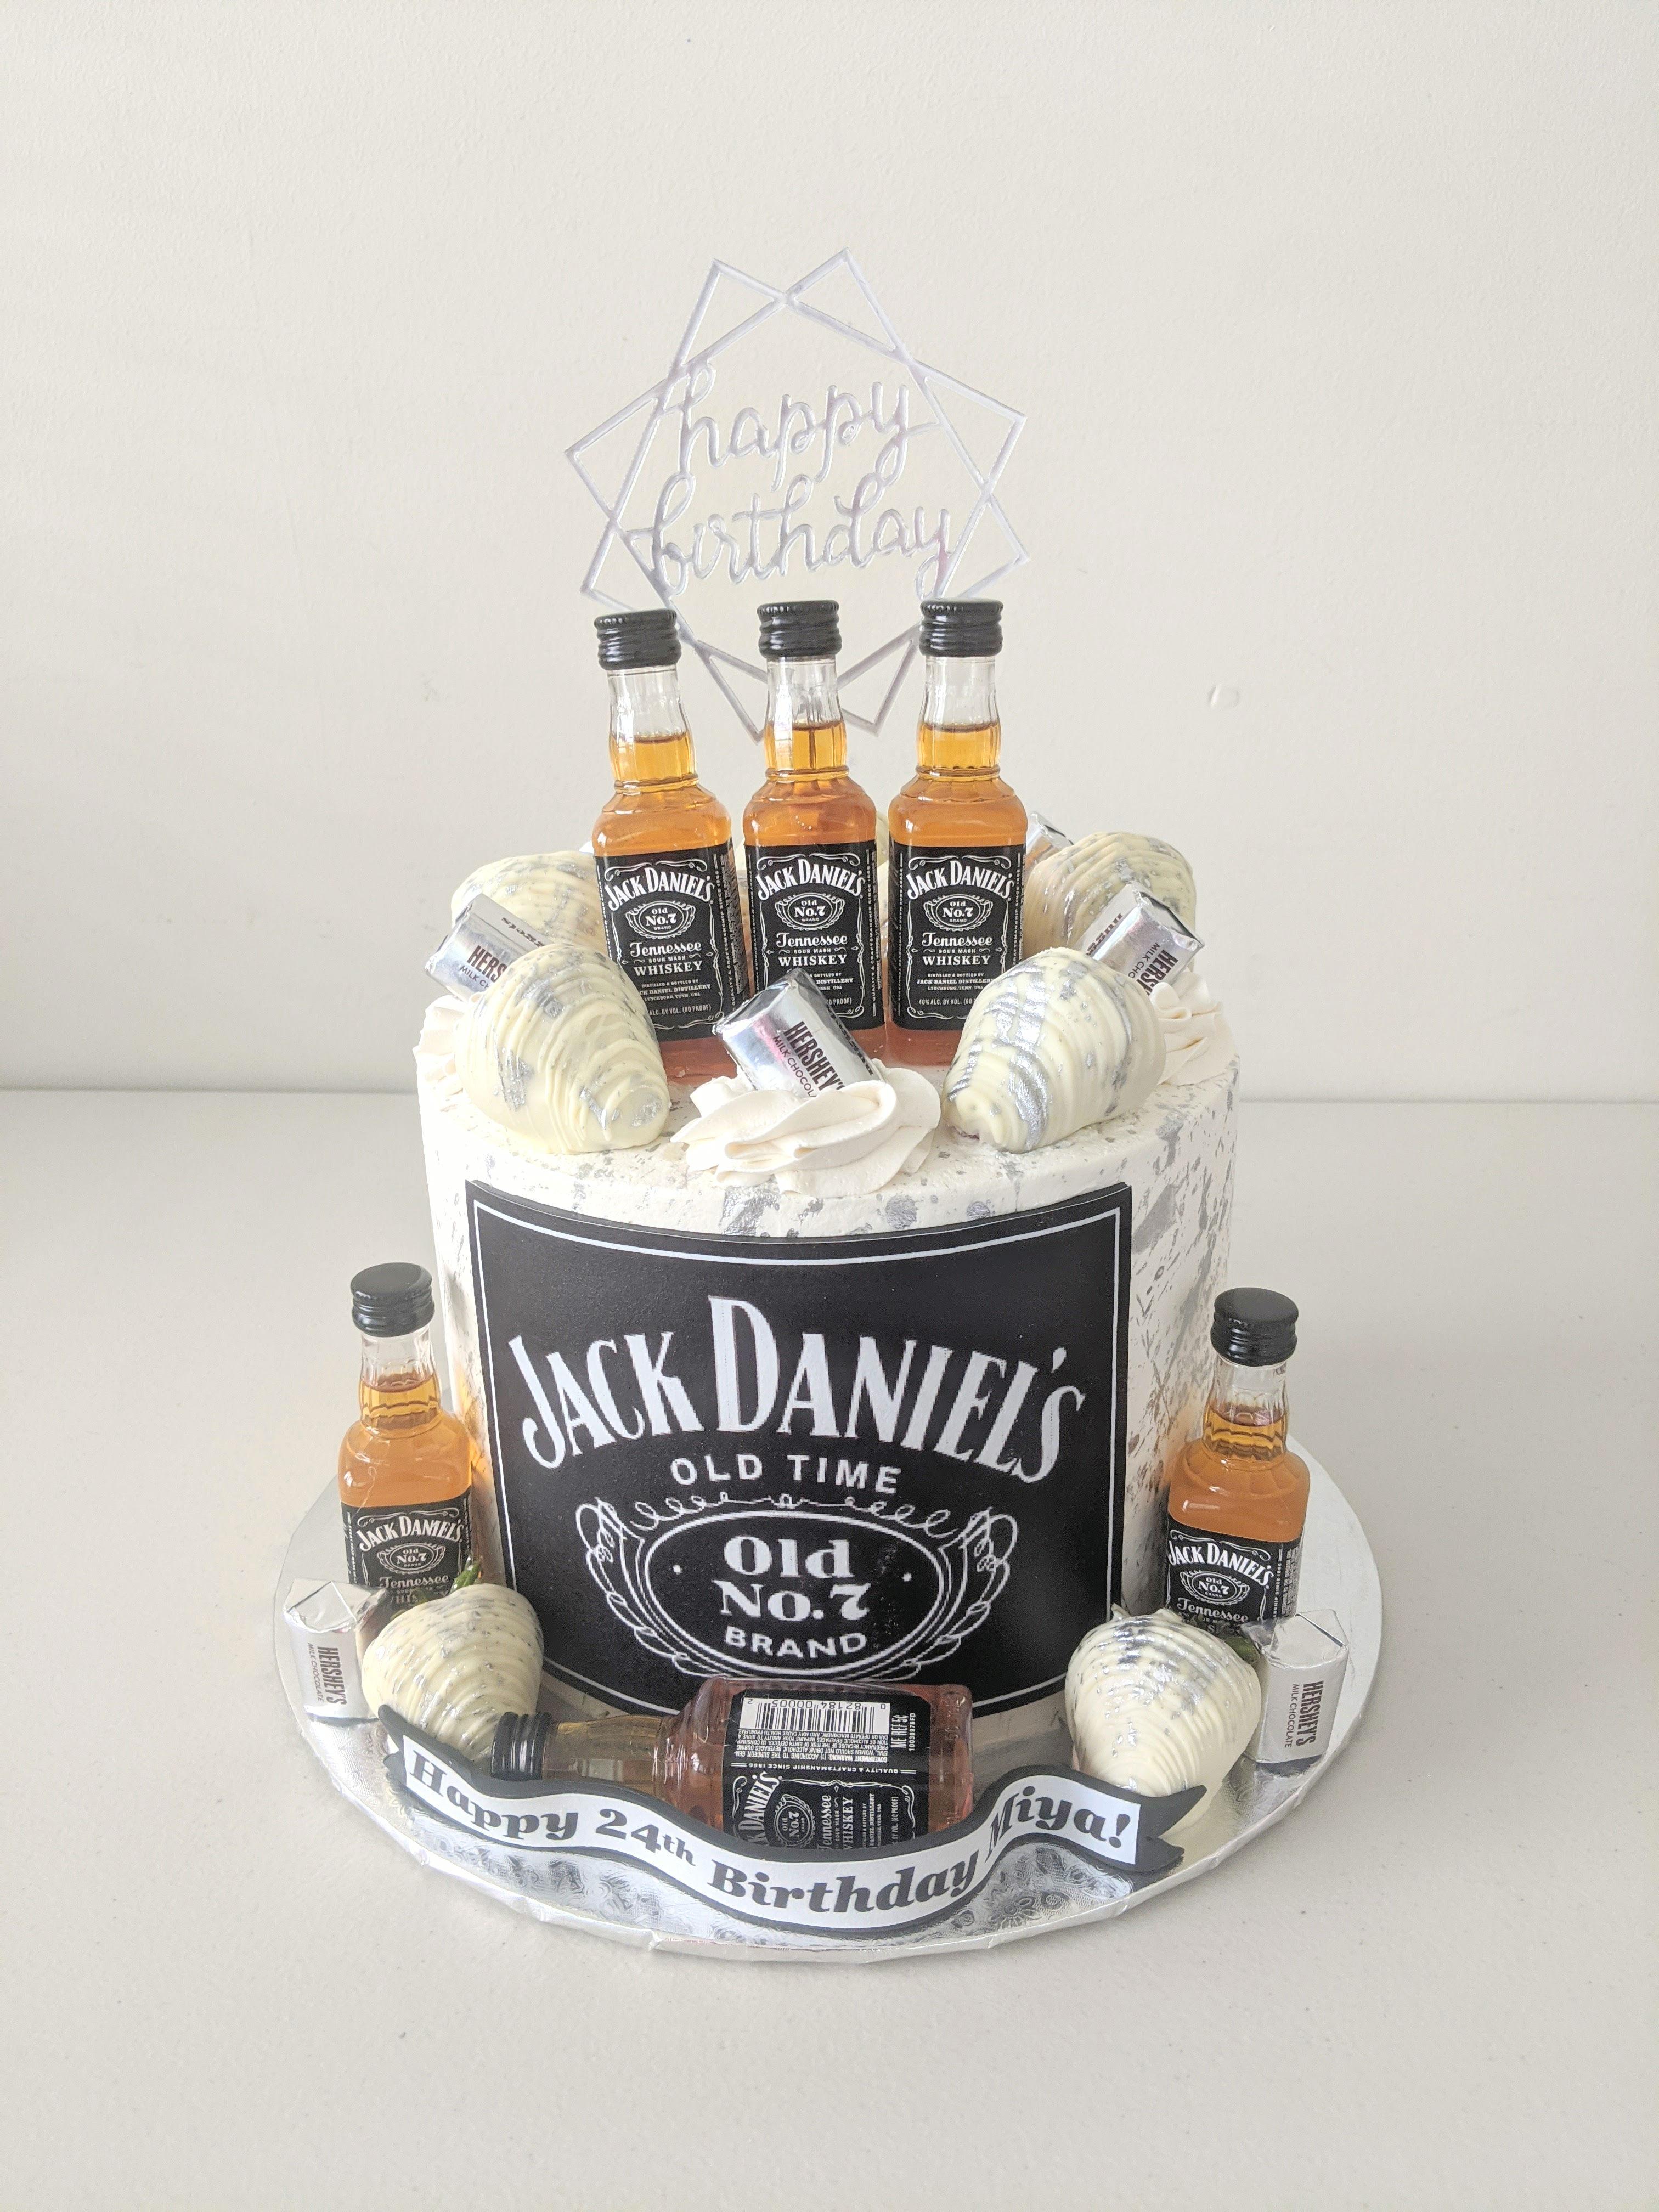 Jack Daniels Adult Beverage Cake